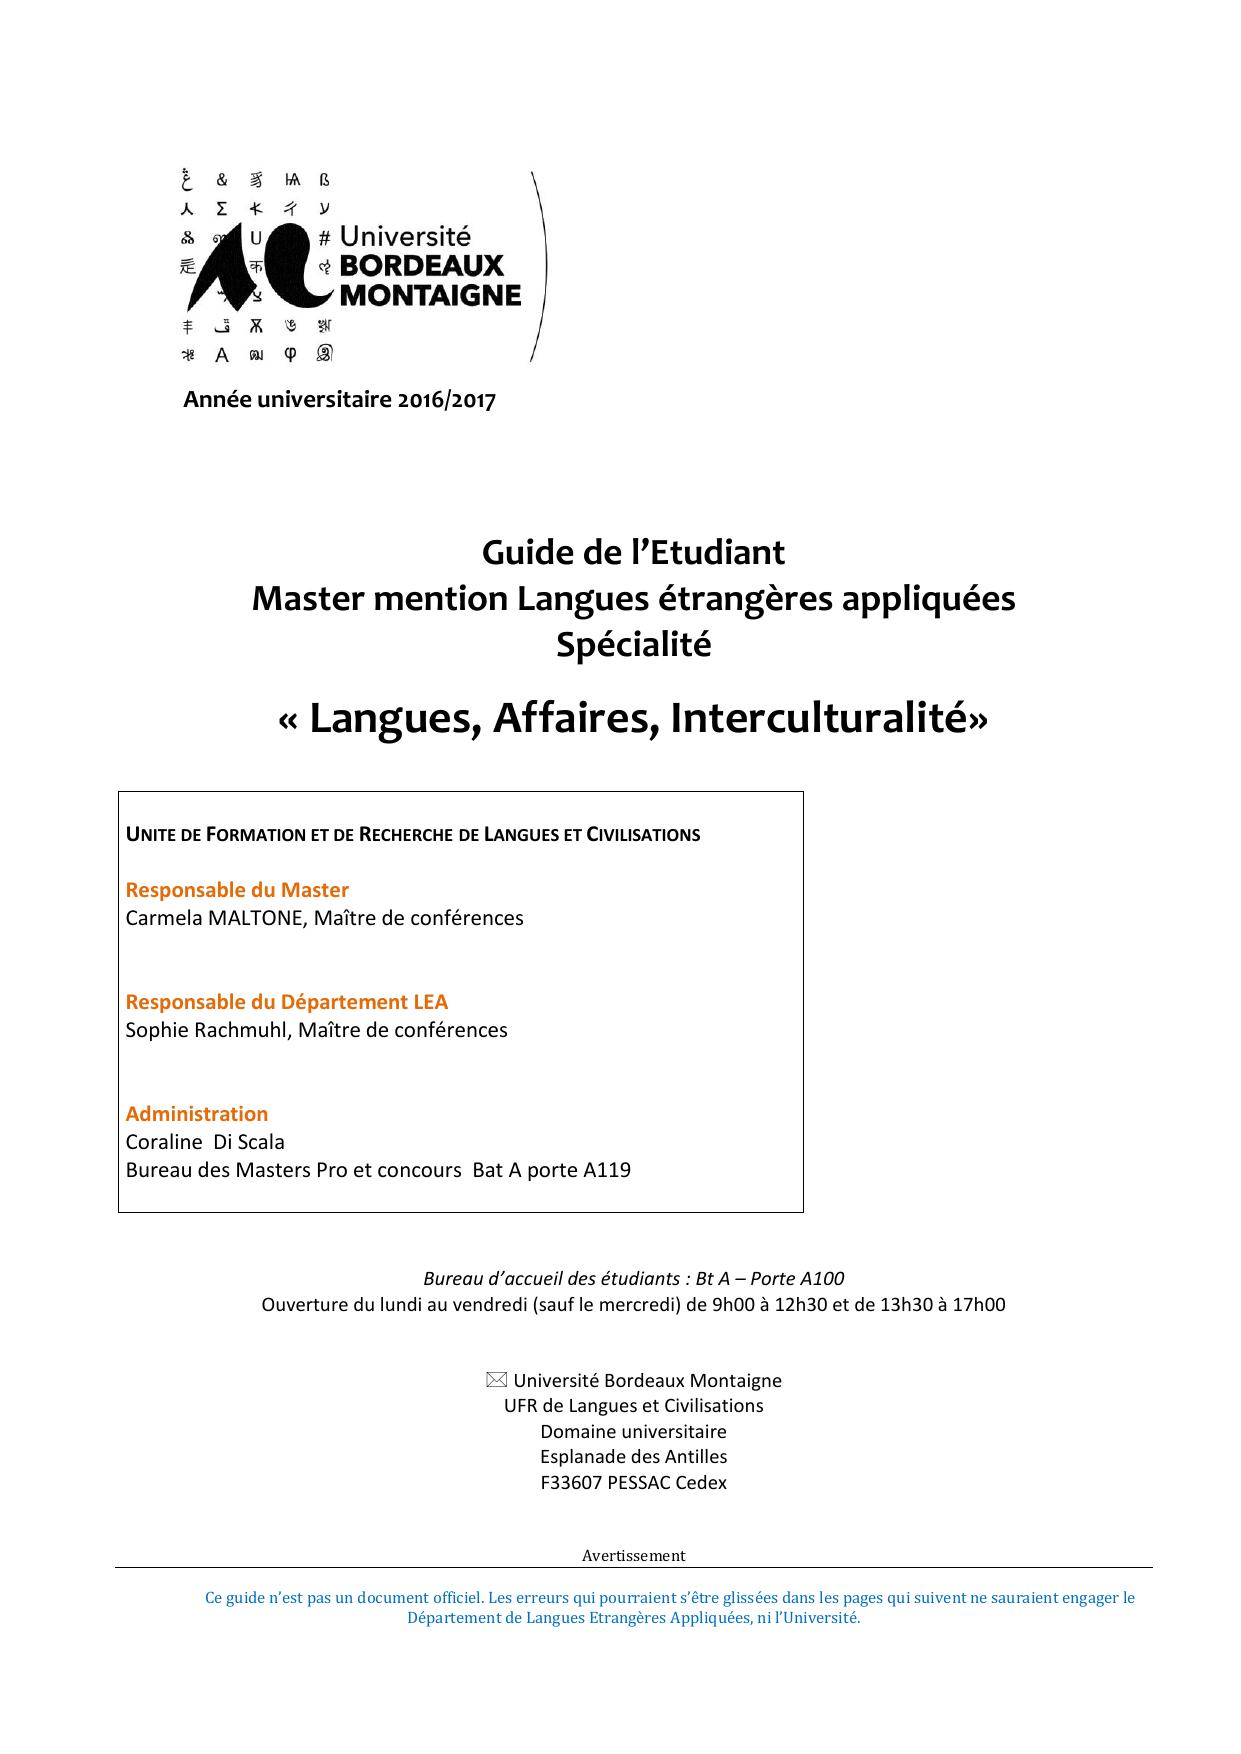 Calendrier Examens Bordeaux Montaigne.Guide Master Lai 2016 2017 Universite Bordeaux Montaigne